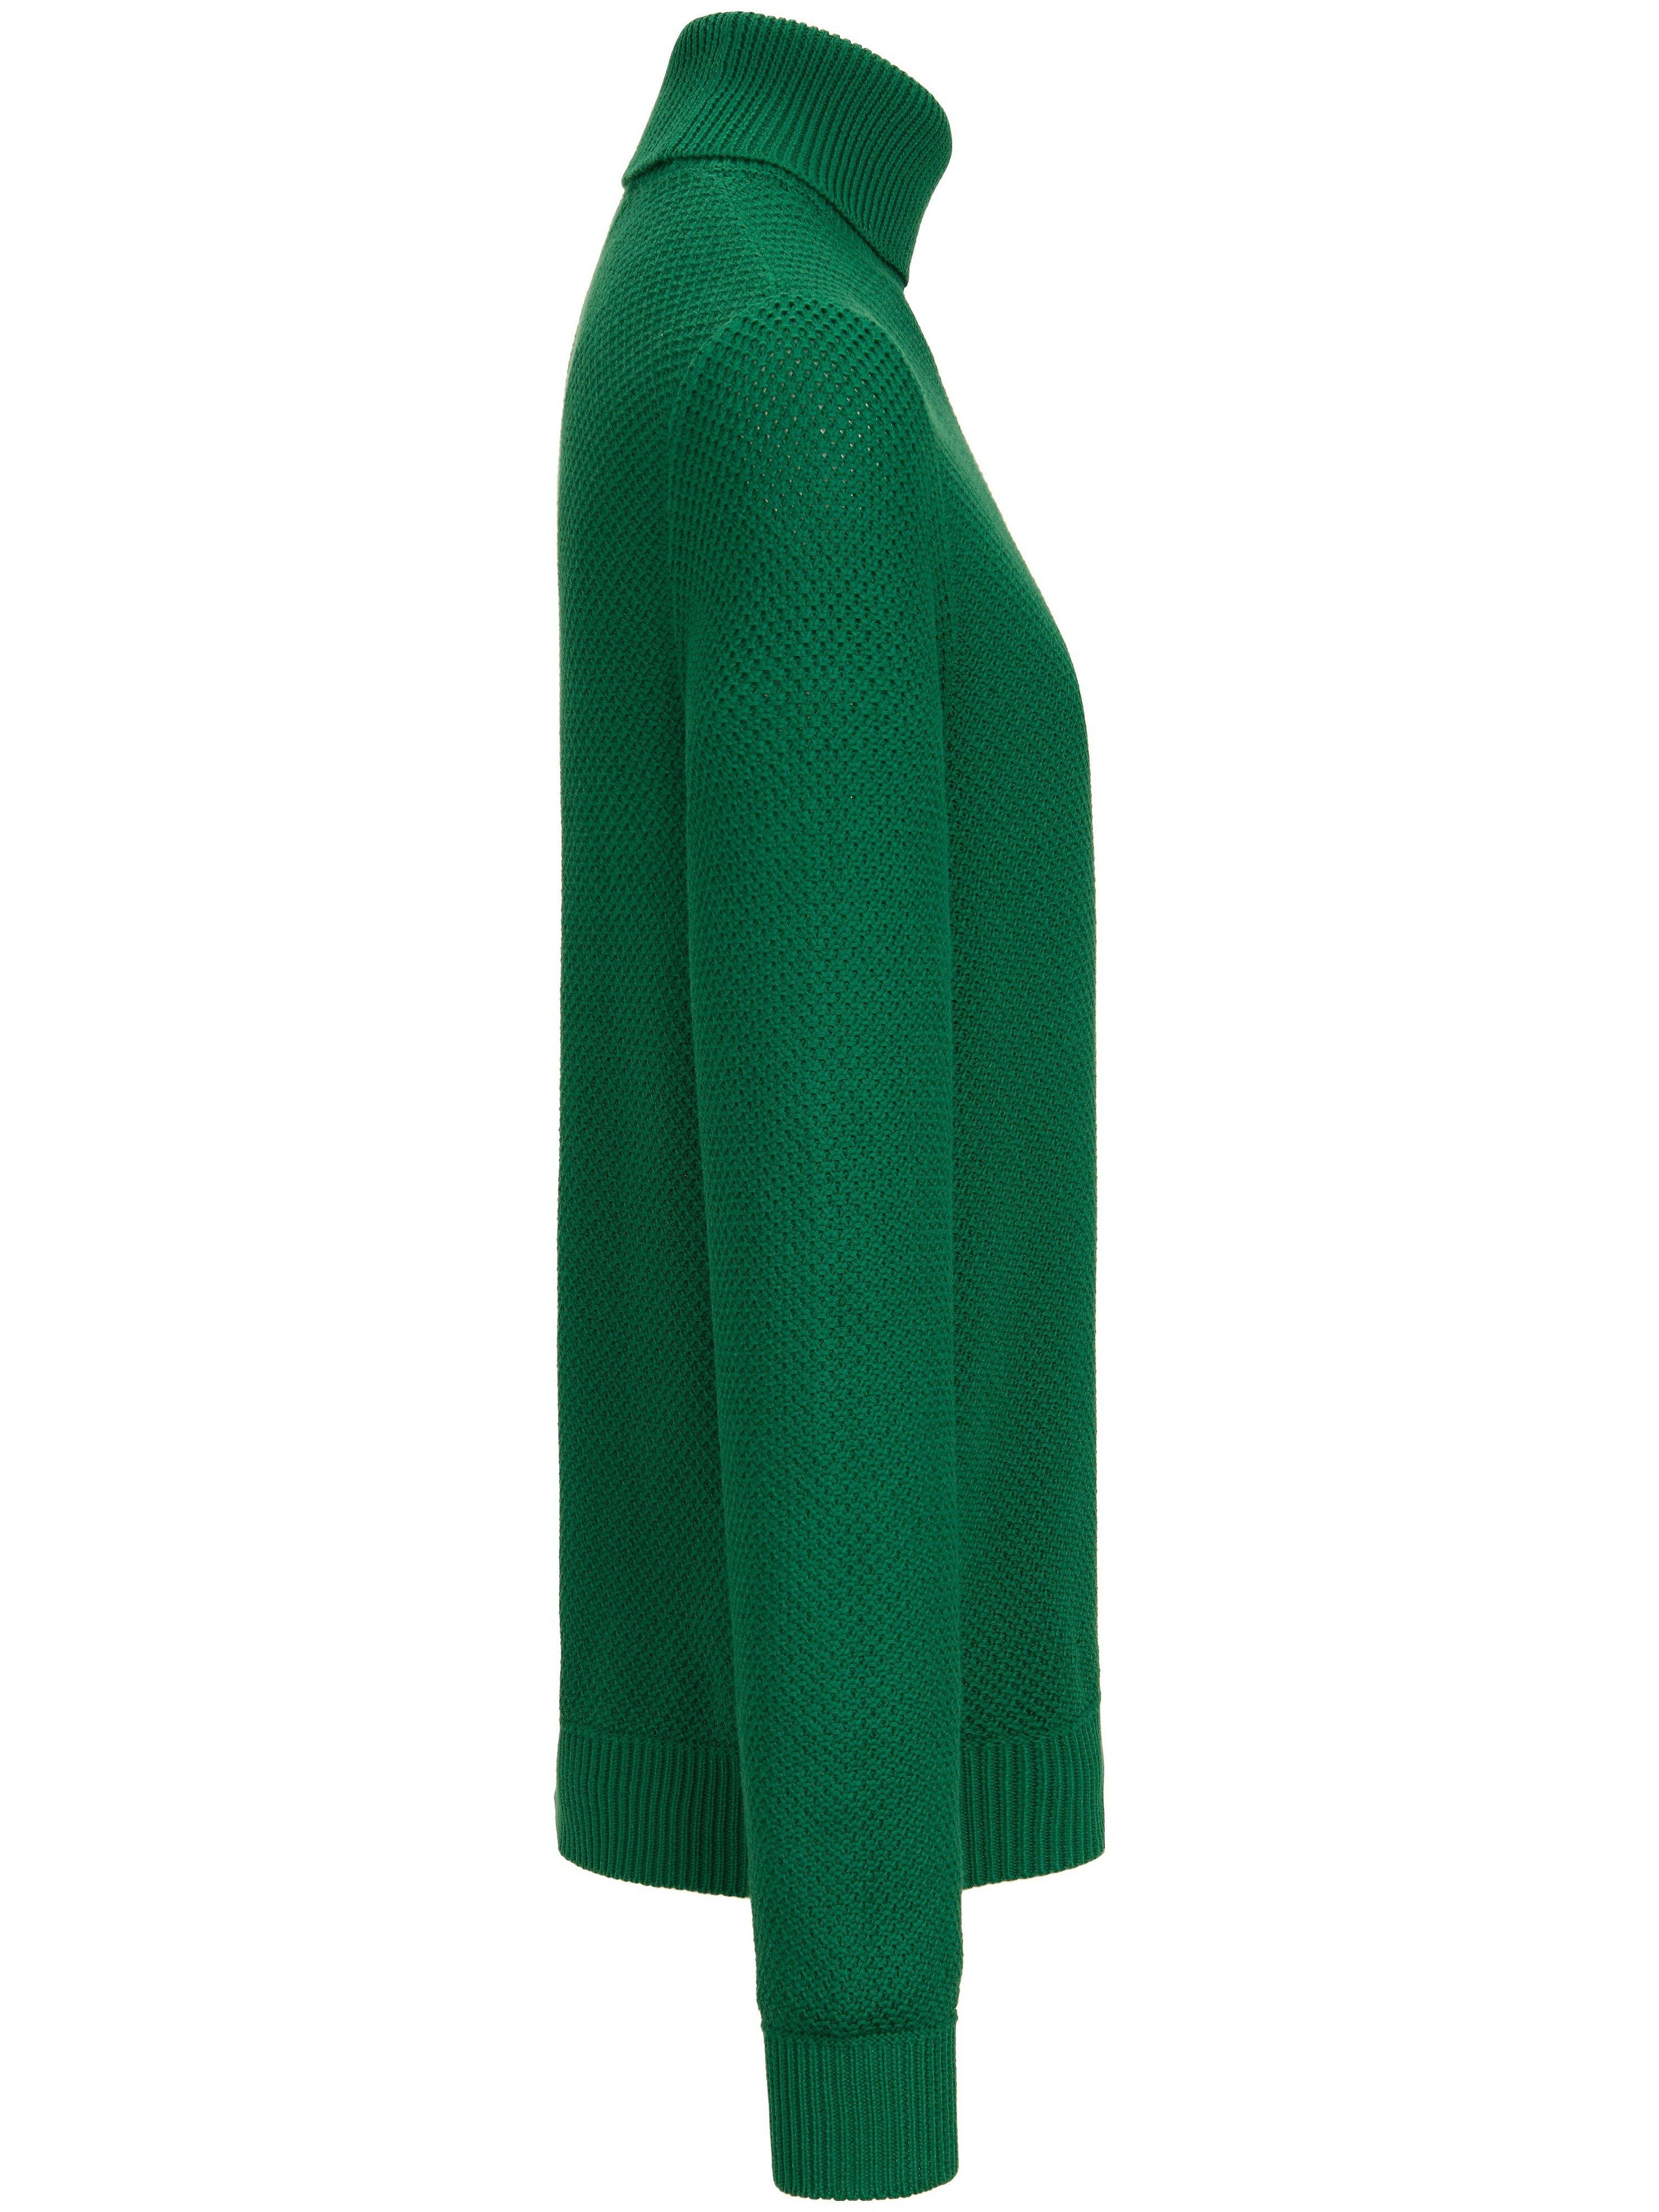 Strikbluse rullekrave Fra Peter Hahn grøn